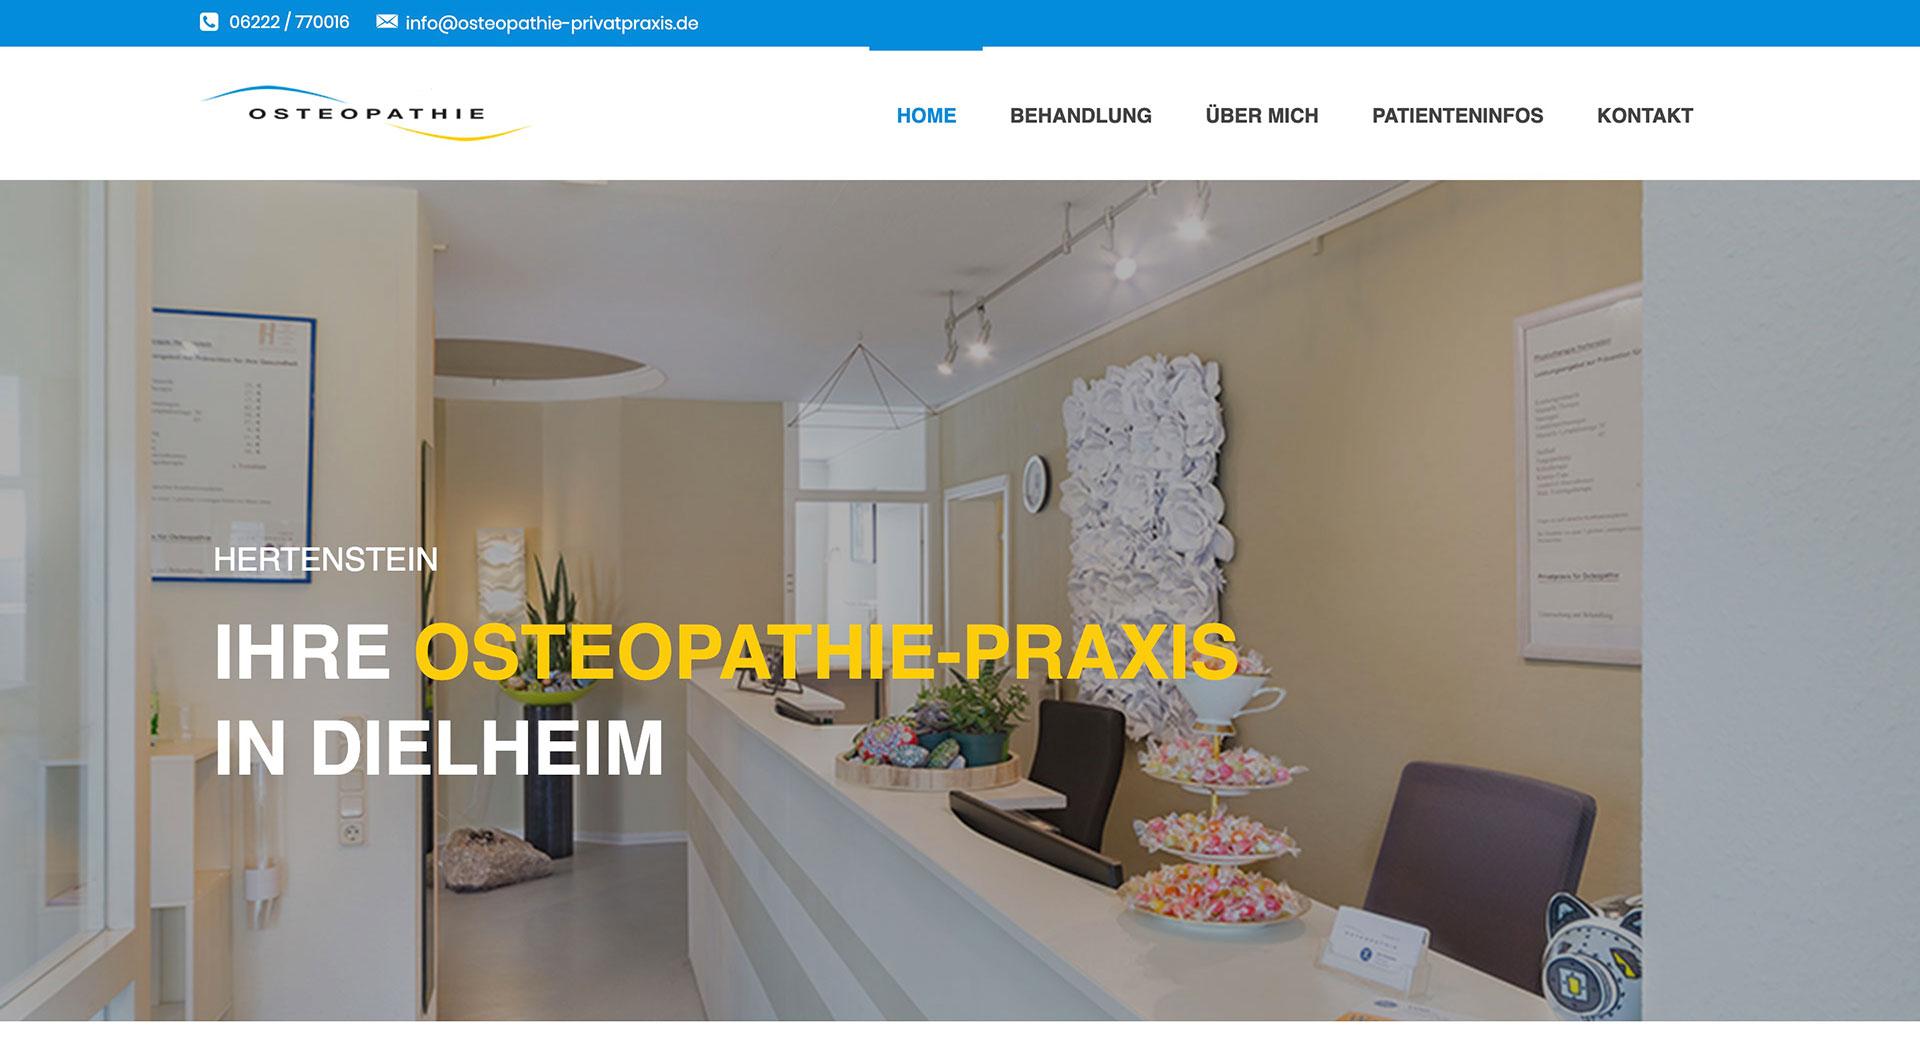 Osteopathie Praxis | Hertenstein